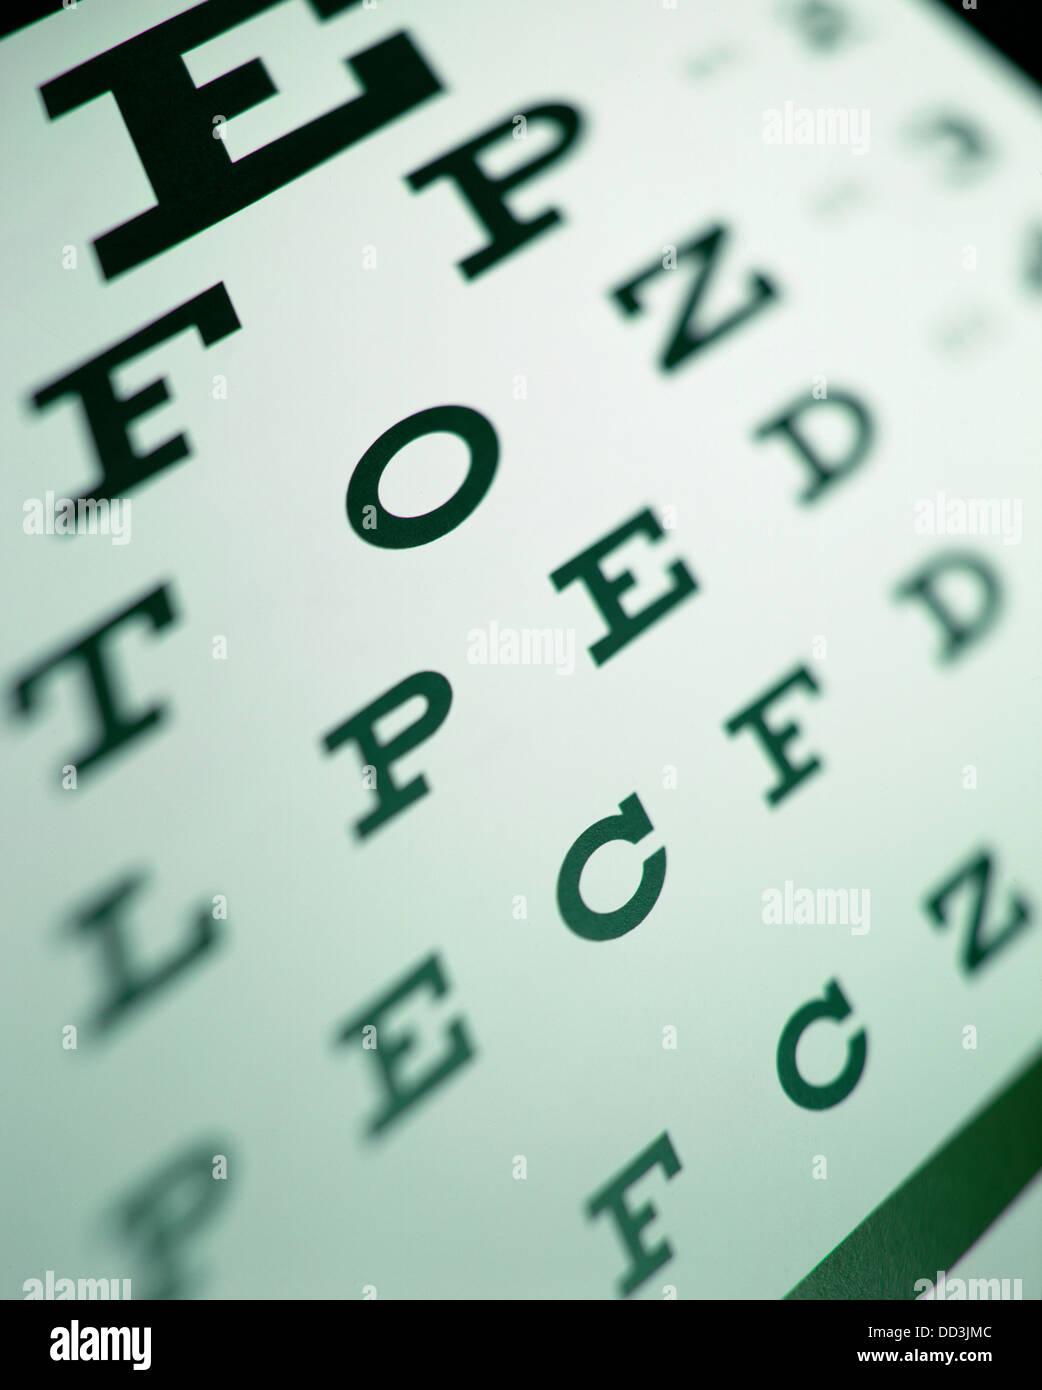 Una tabla optométrica visto con afilados y zonas fuera de foco. Imagen De Stock